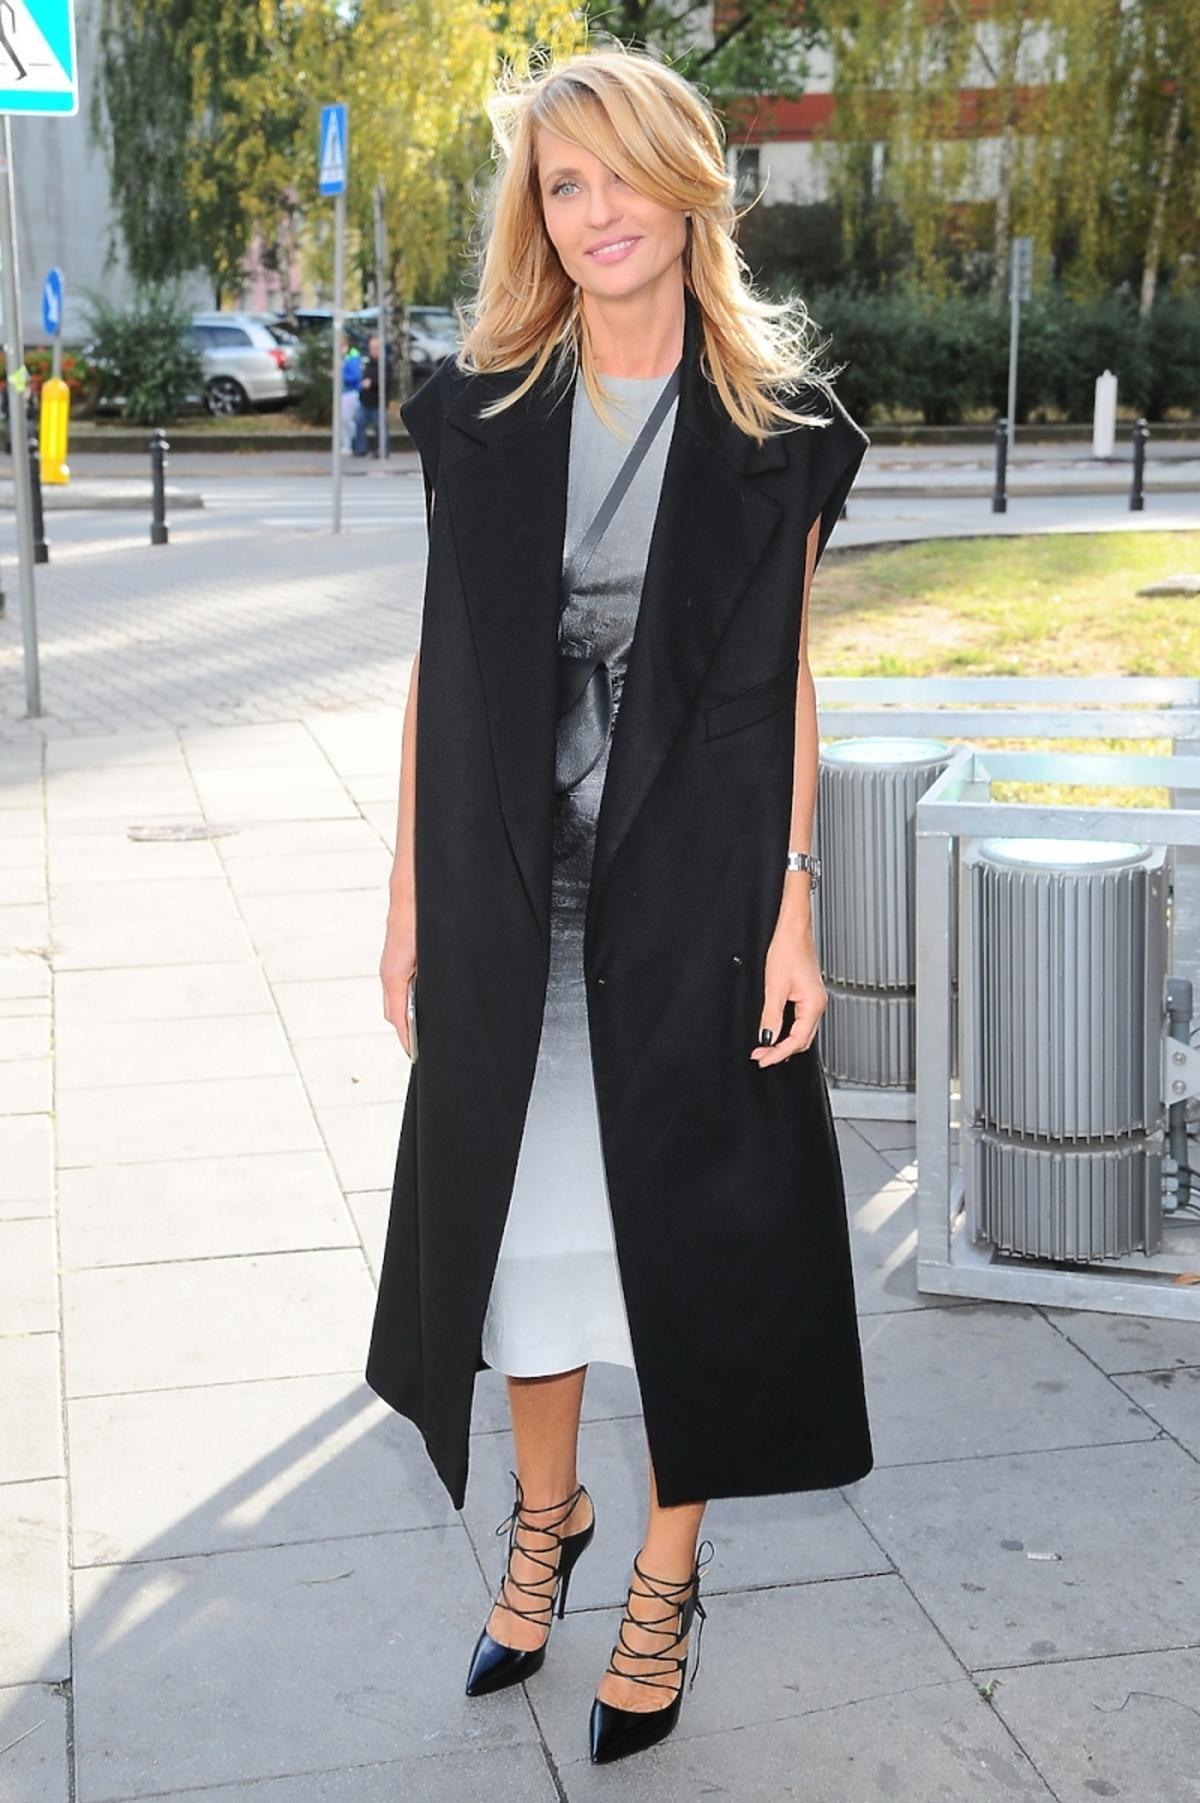 Aneta Kręglicka w szarej sukinece, czarnej kamizelce na ulicy